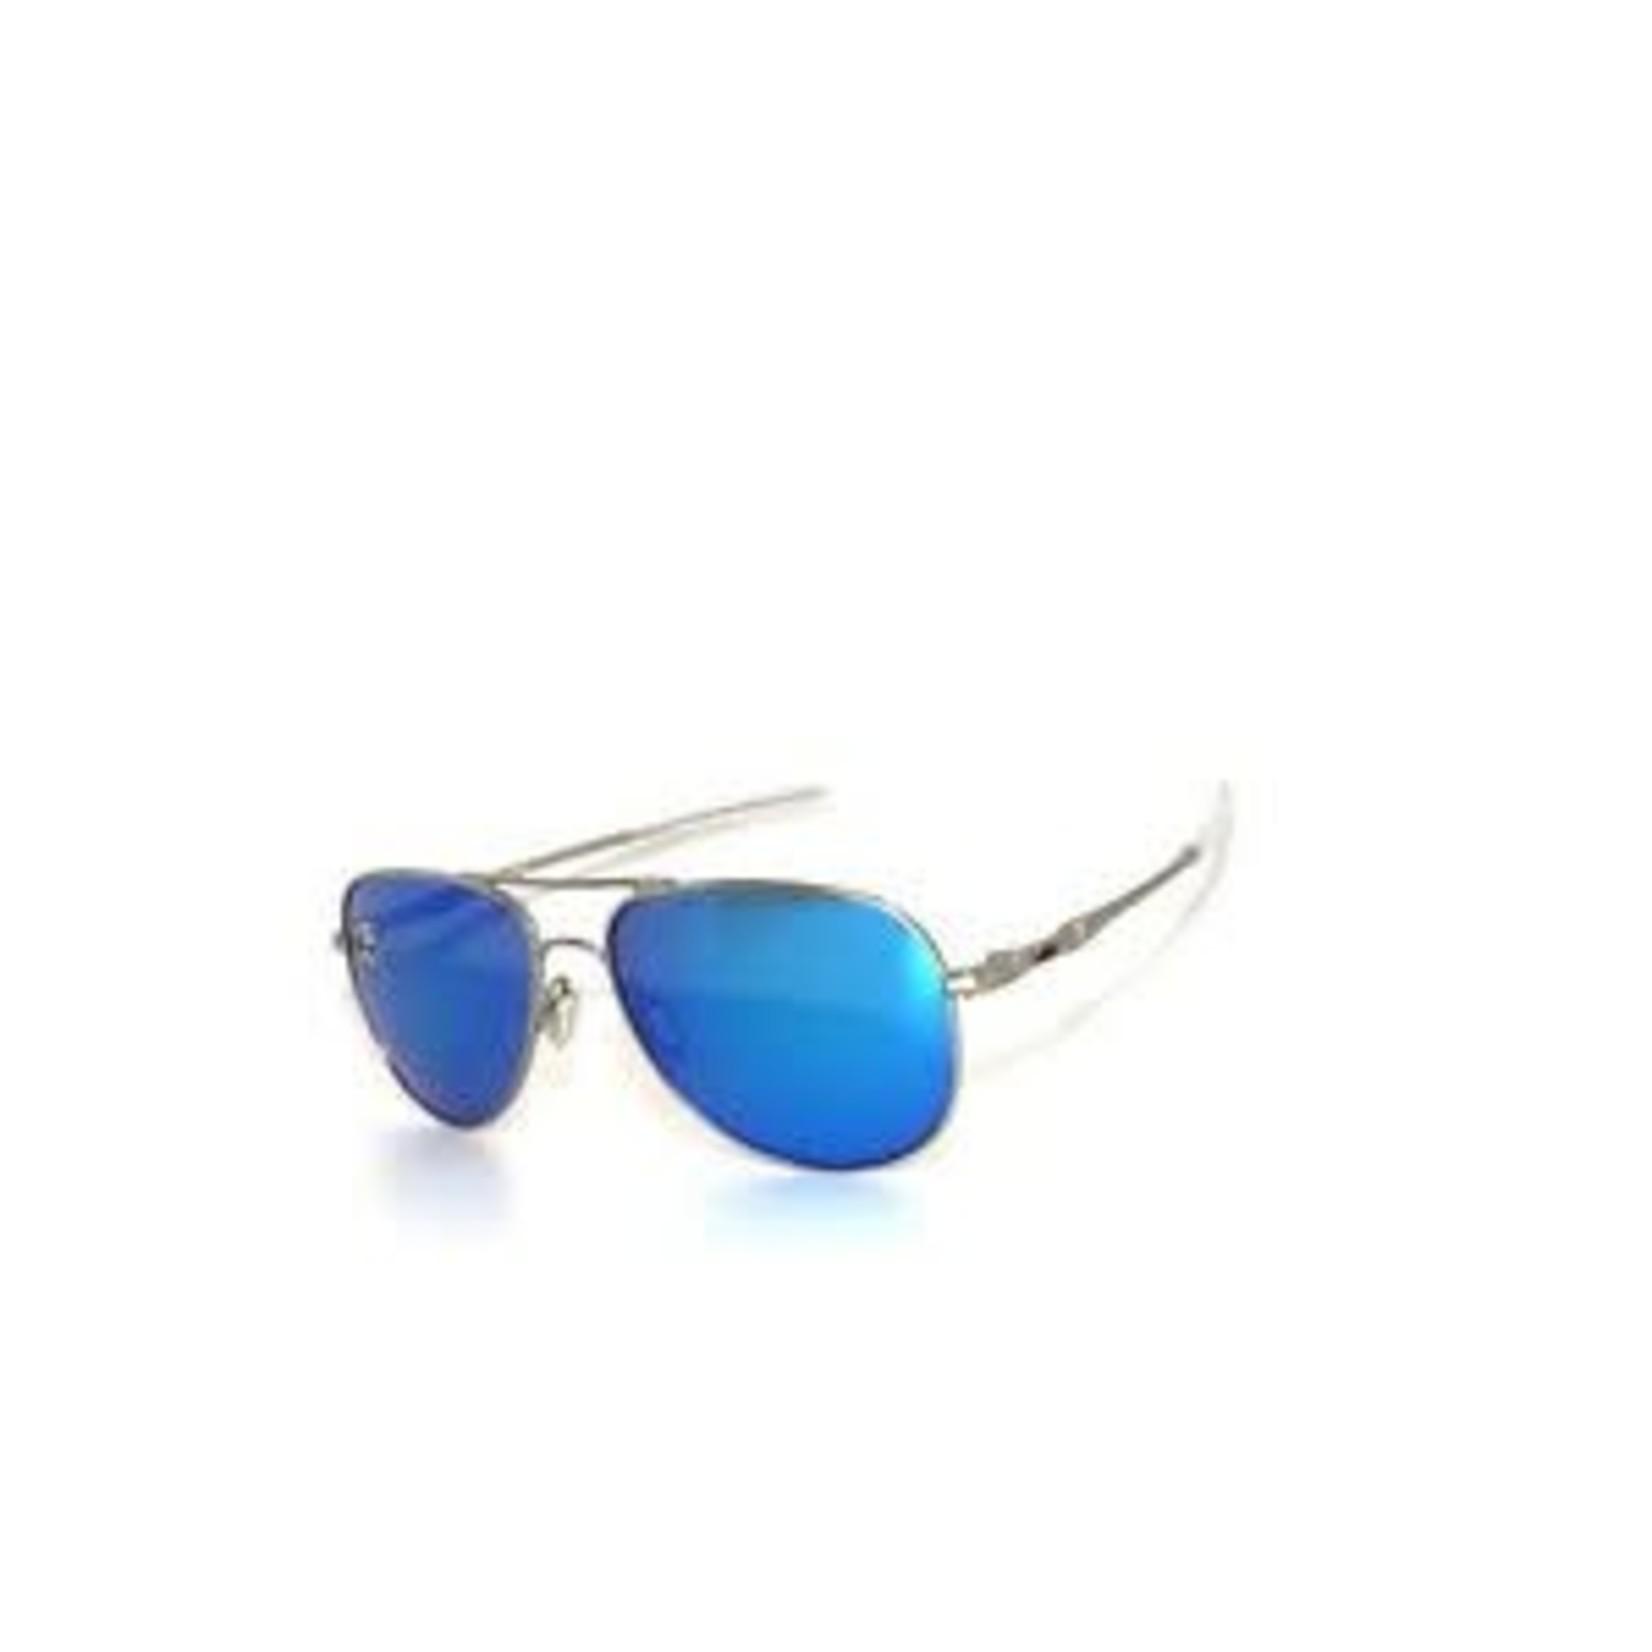 Oakley Oakley Men's Sunglasses- Elmont